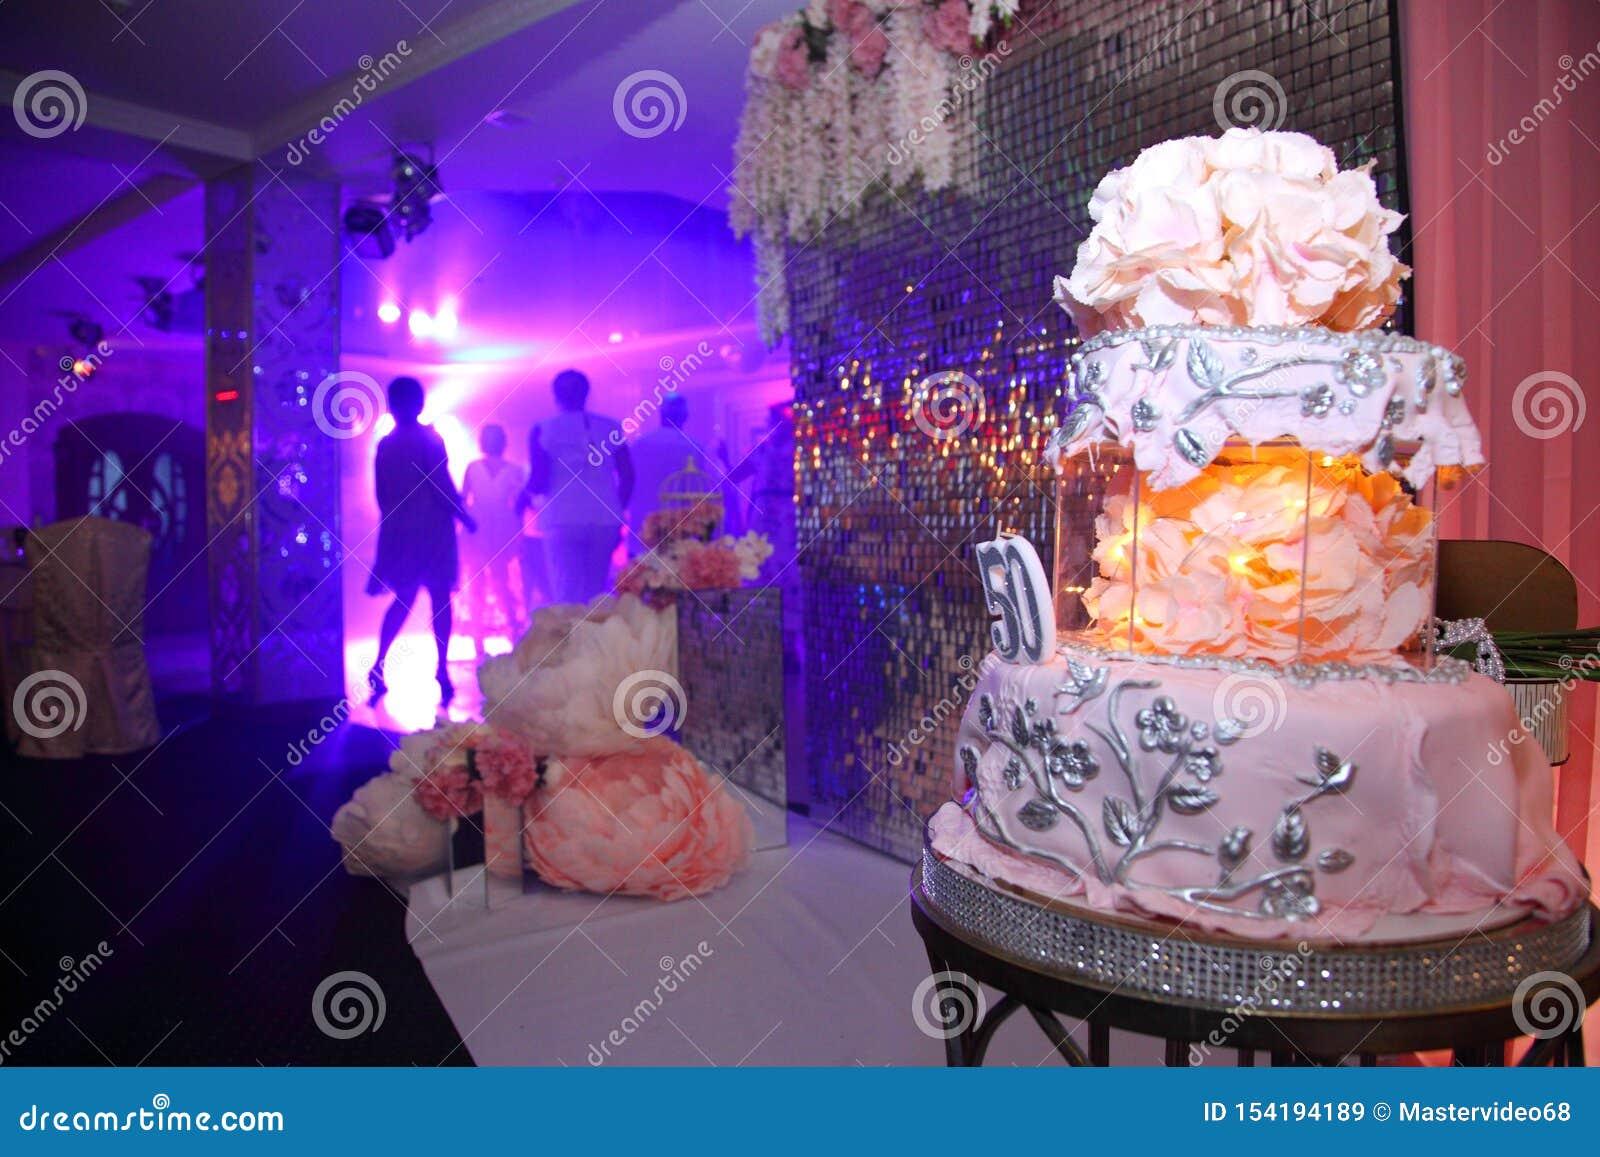 Torta para el 50.o aniversario Torta de cumpleaños dulce con crema rosada